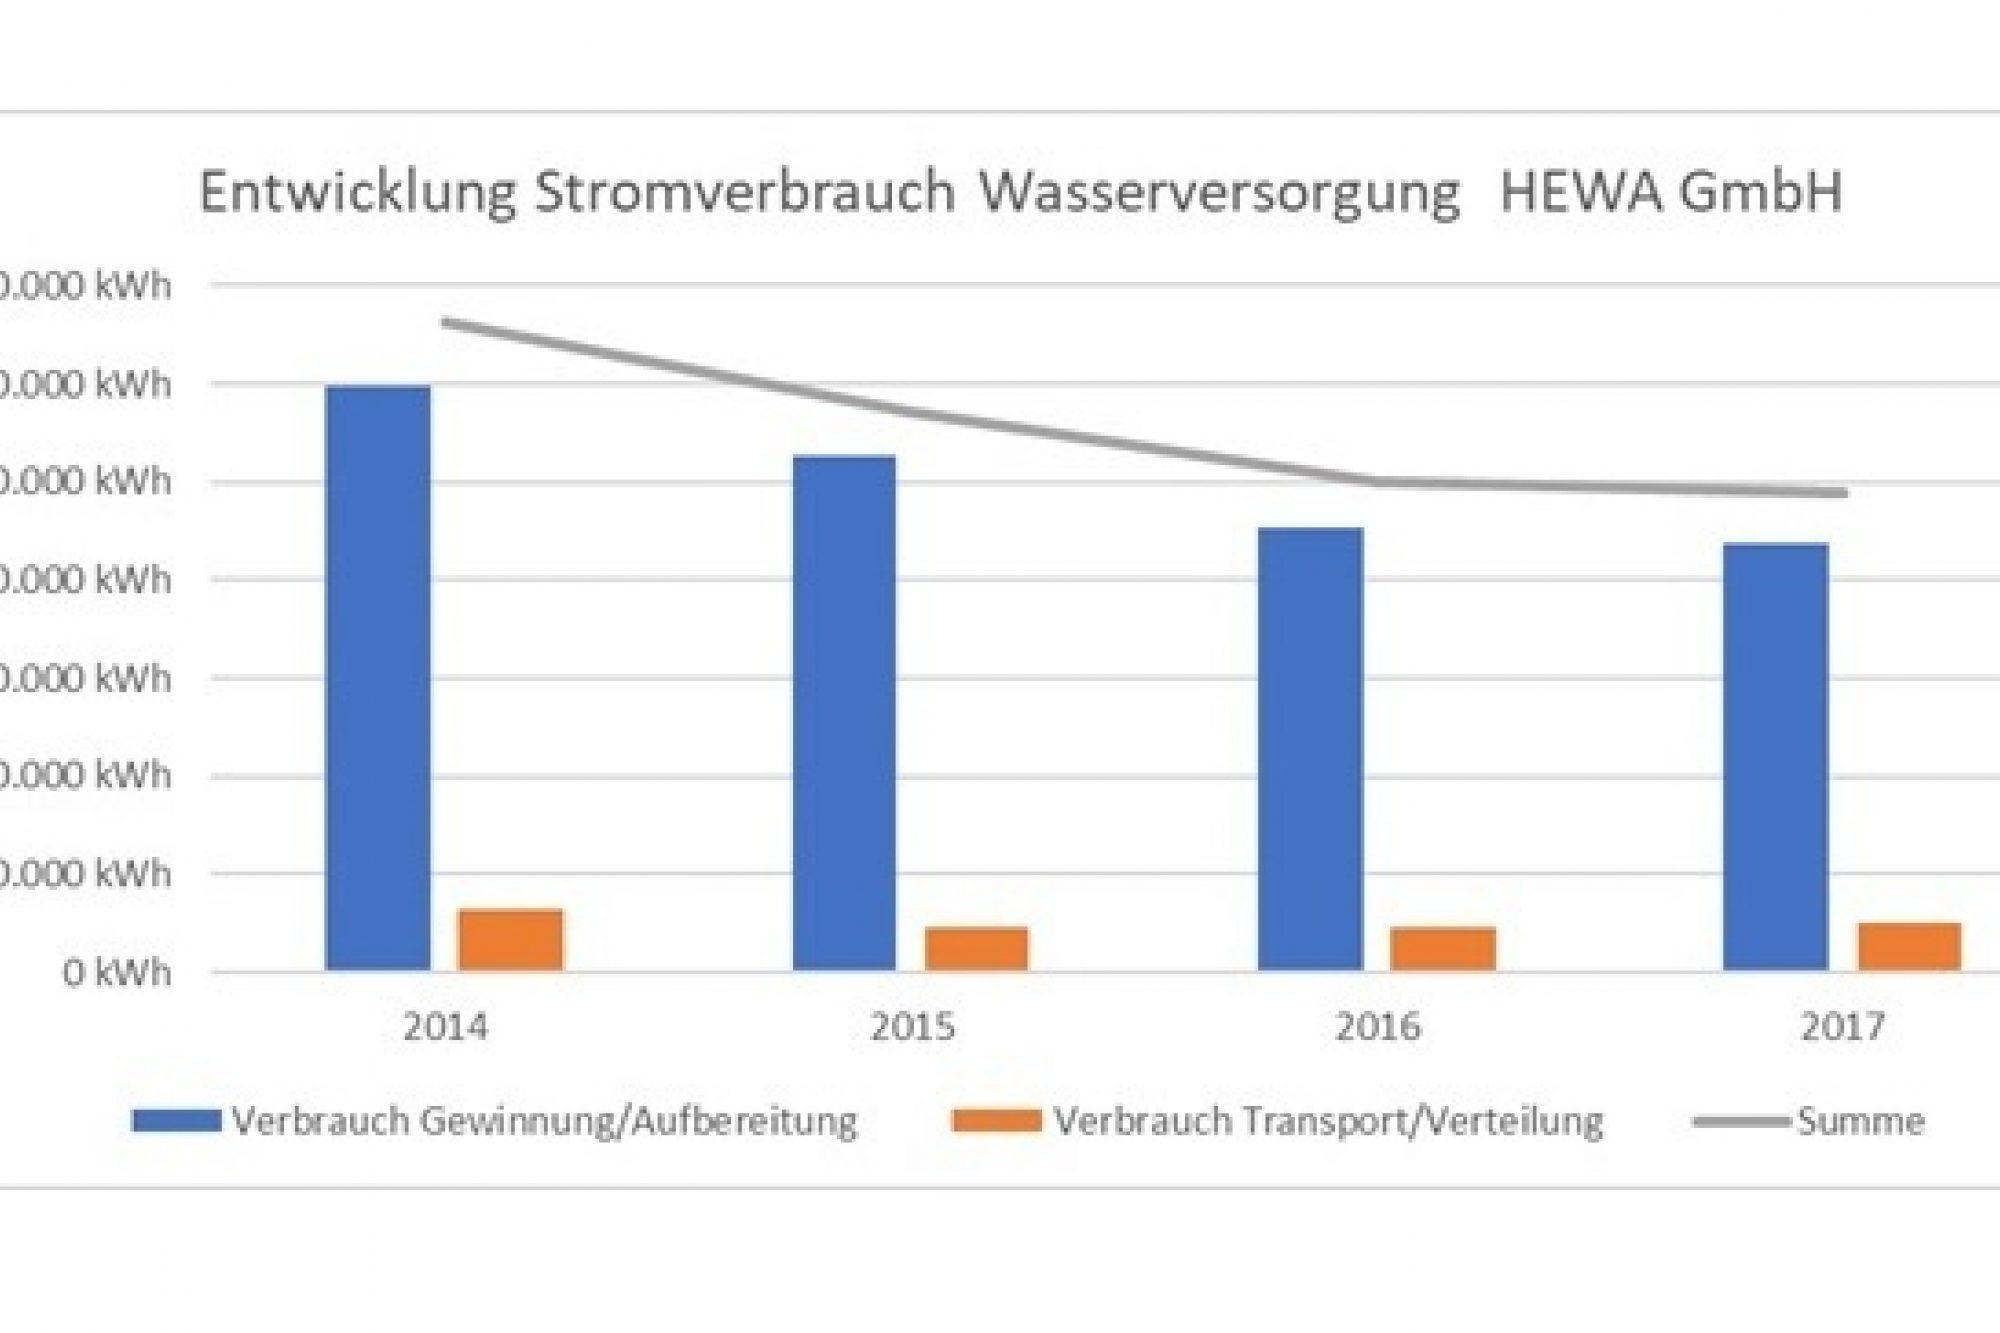 Entwicklung Stromverbrauch Bei Wasserversorgung C Hewa